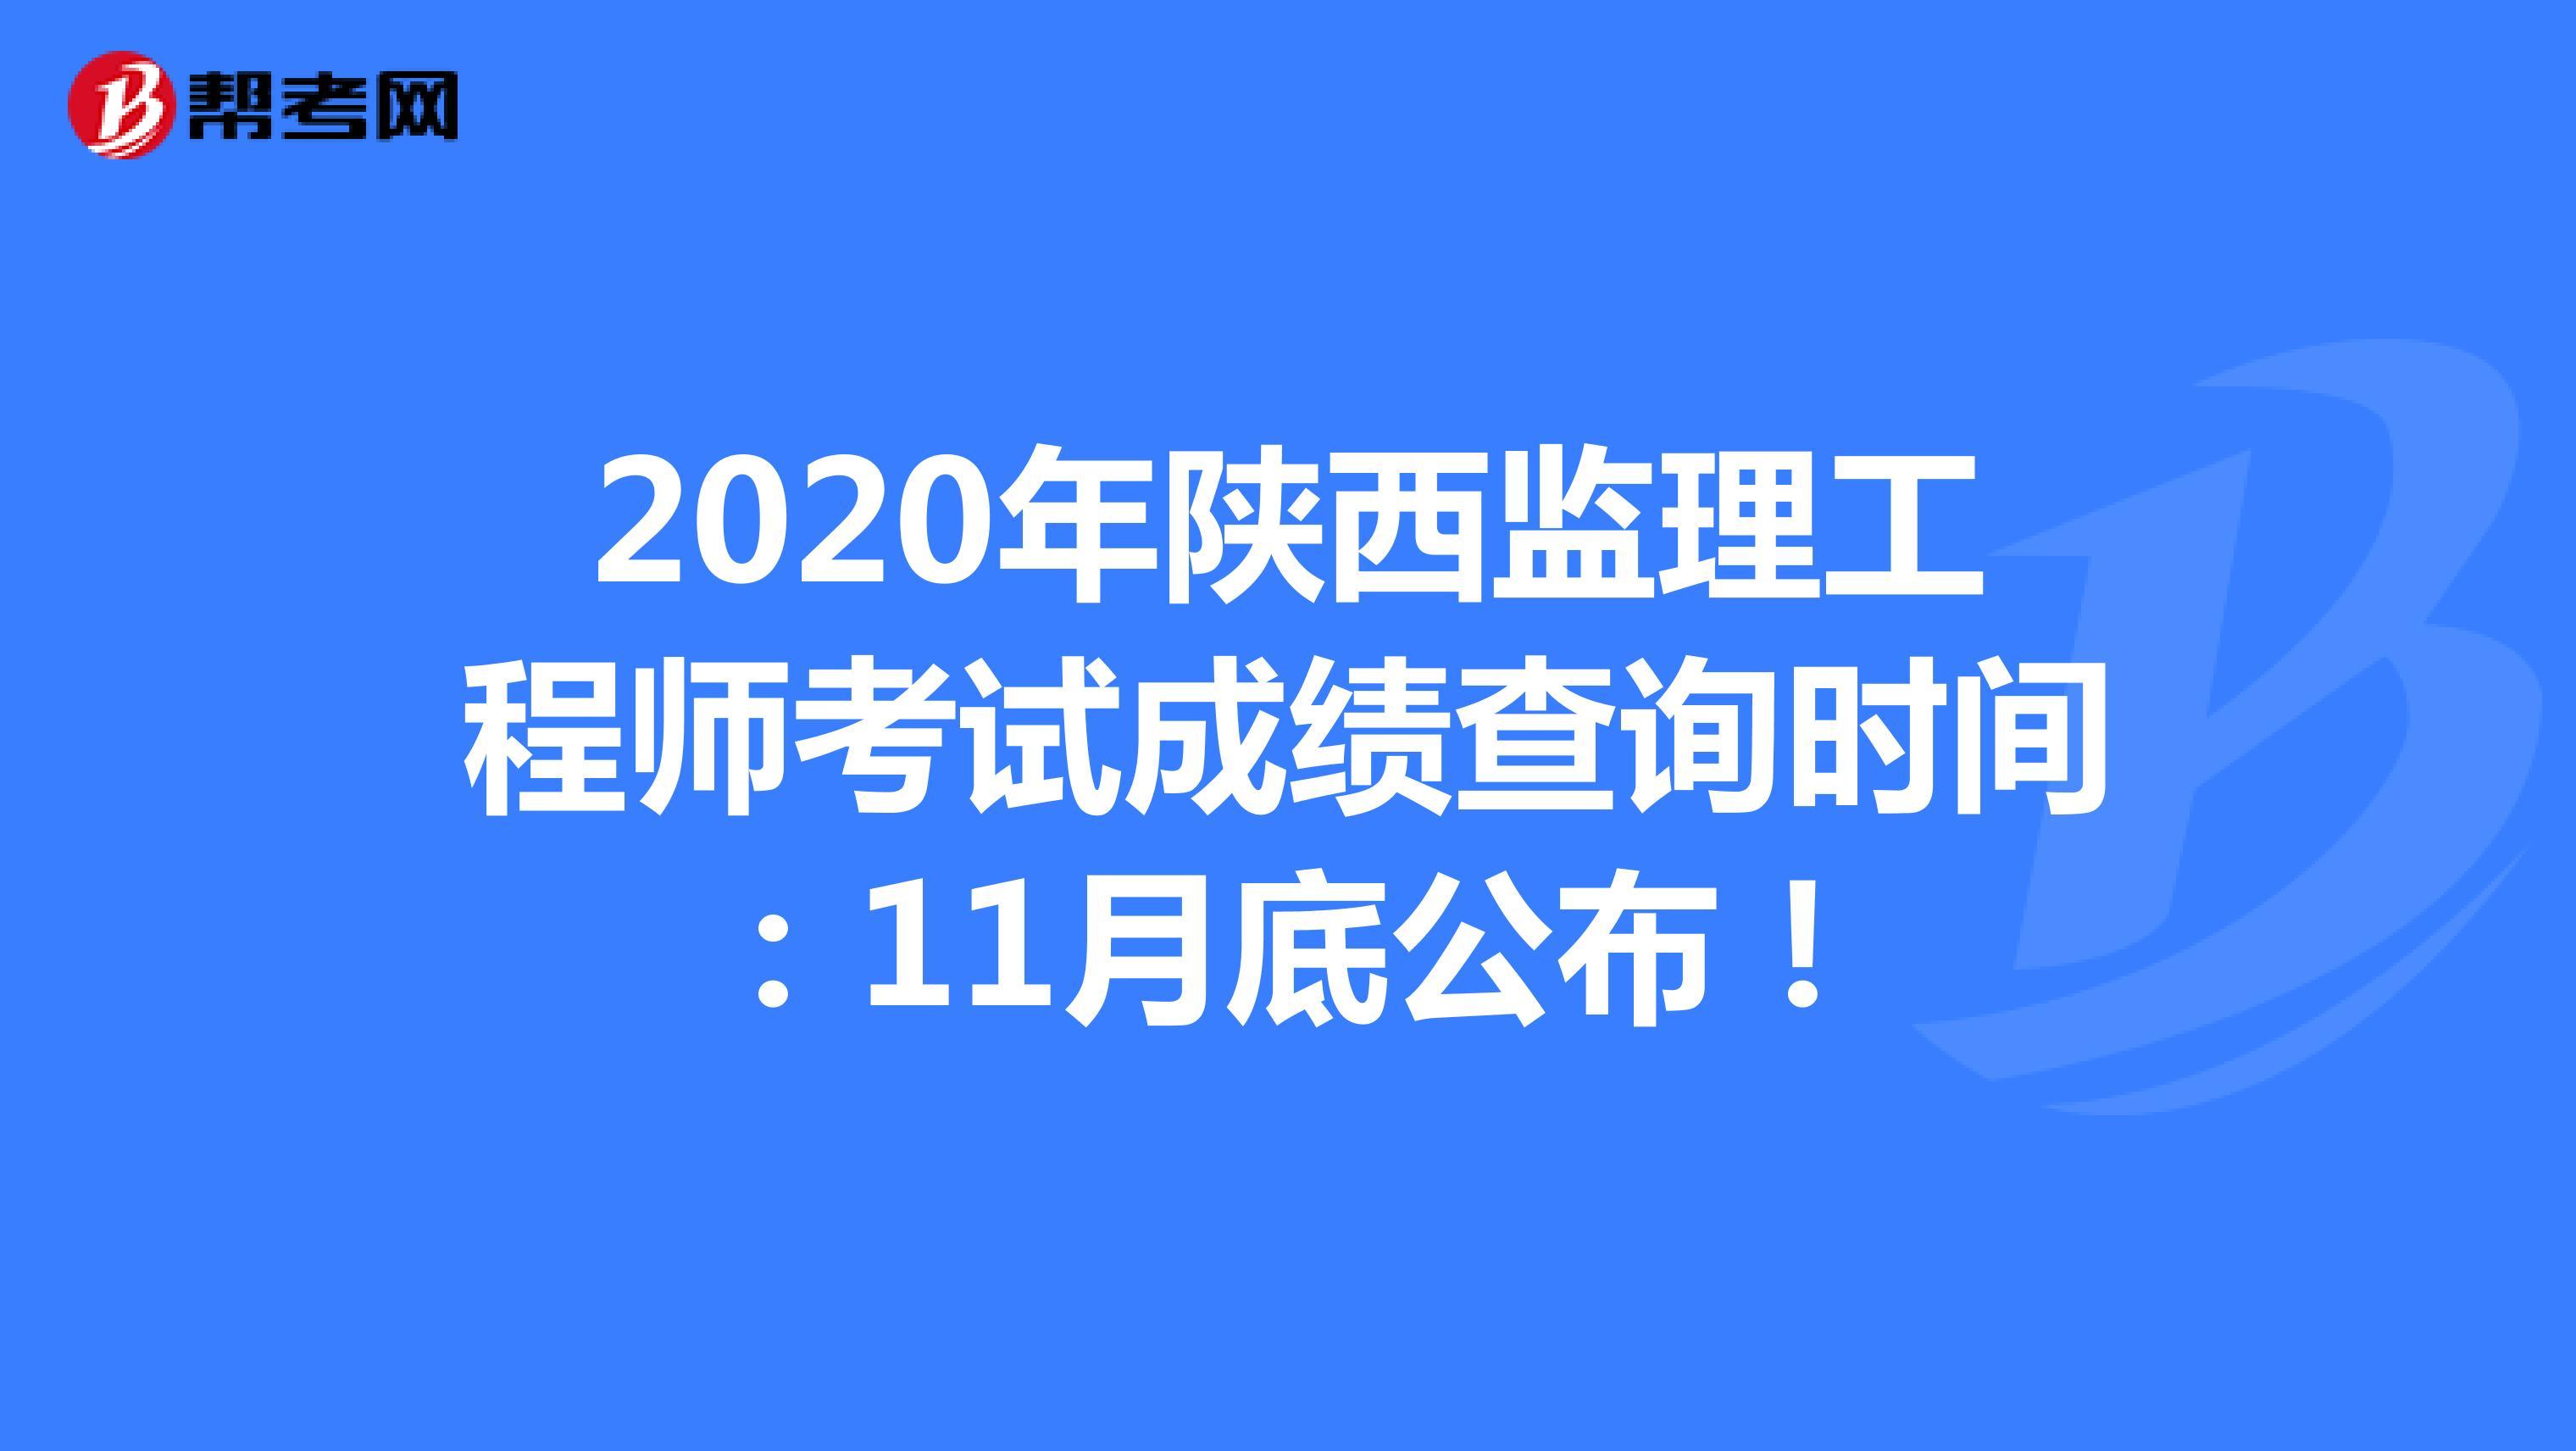 2020年陕西监理工程师Beplay官方成绩查询时间:11月底公布!